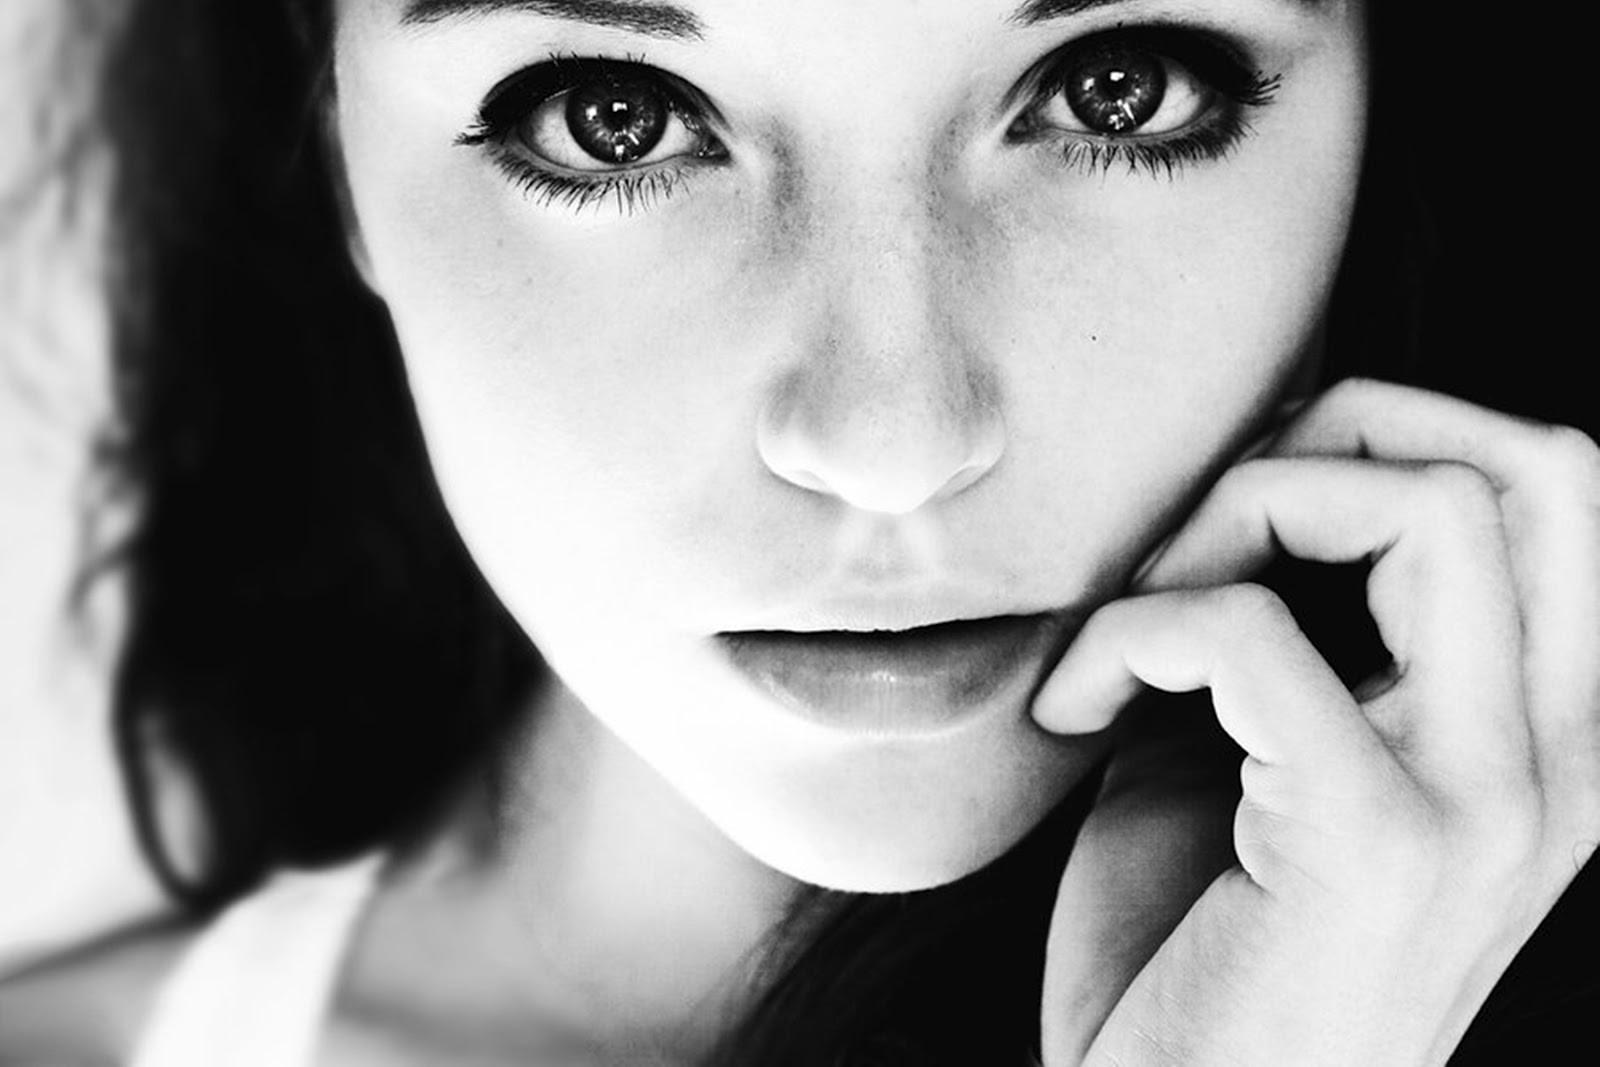 картинки черно белые фотографии лица разговоры частенько слышу